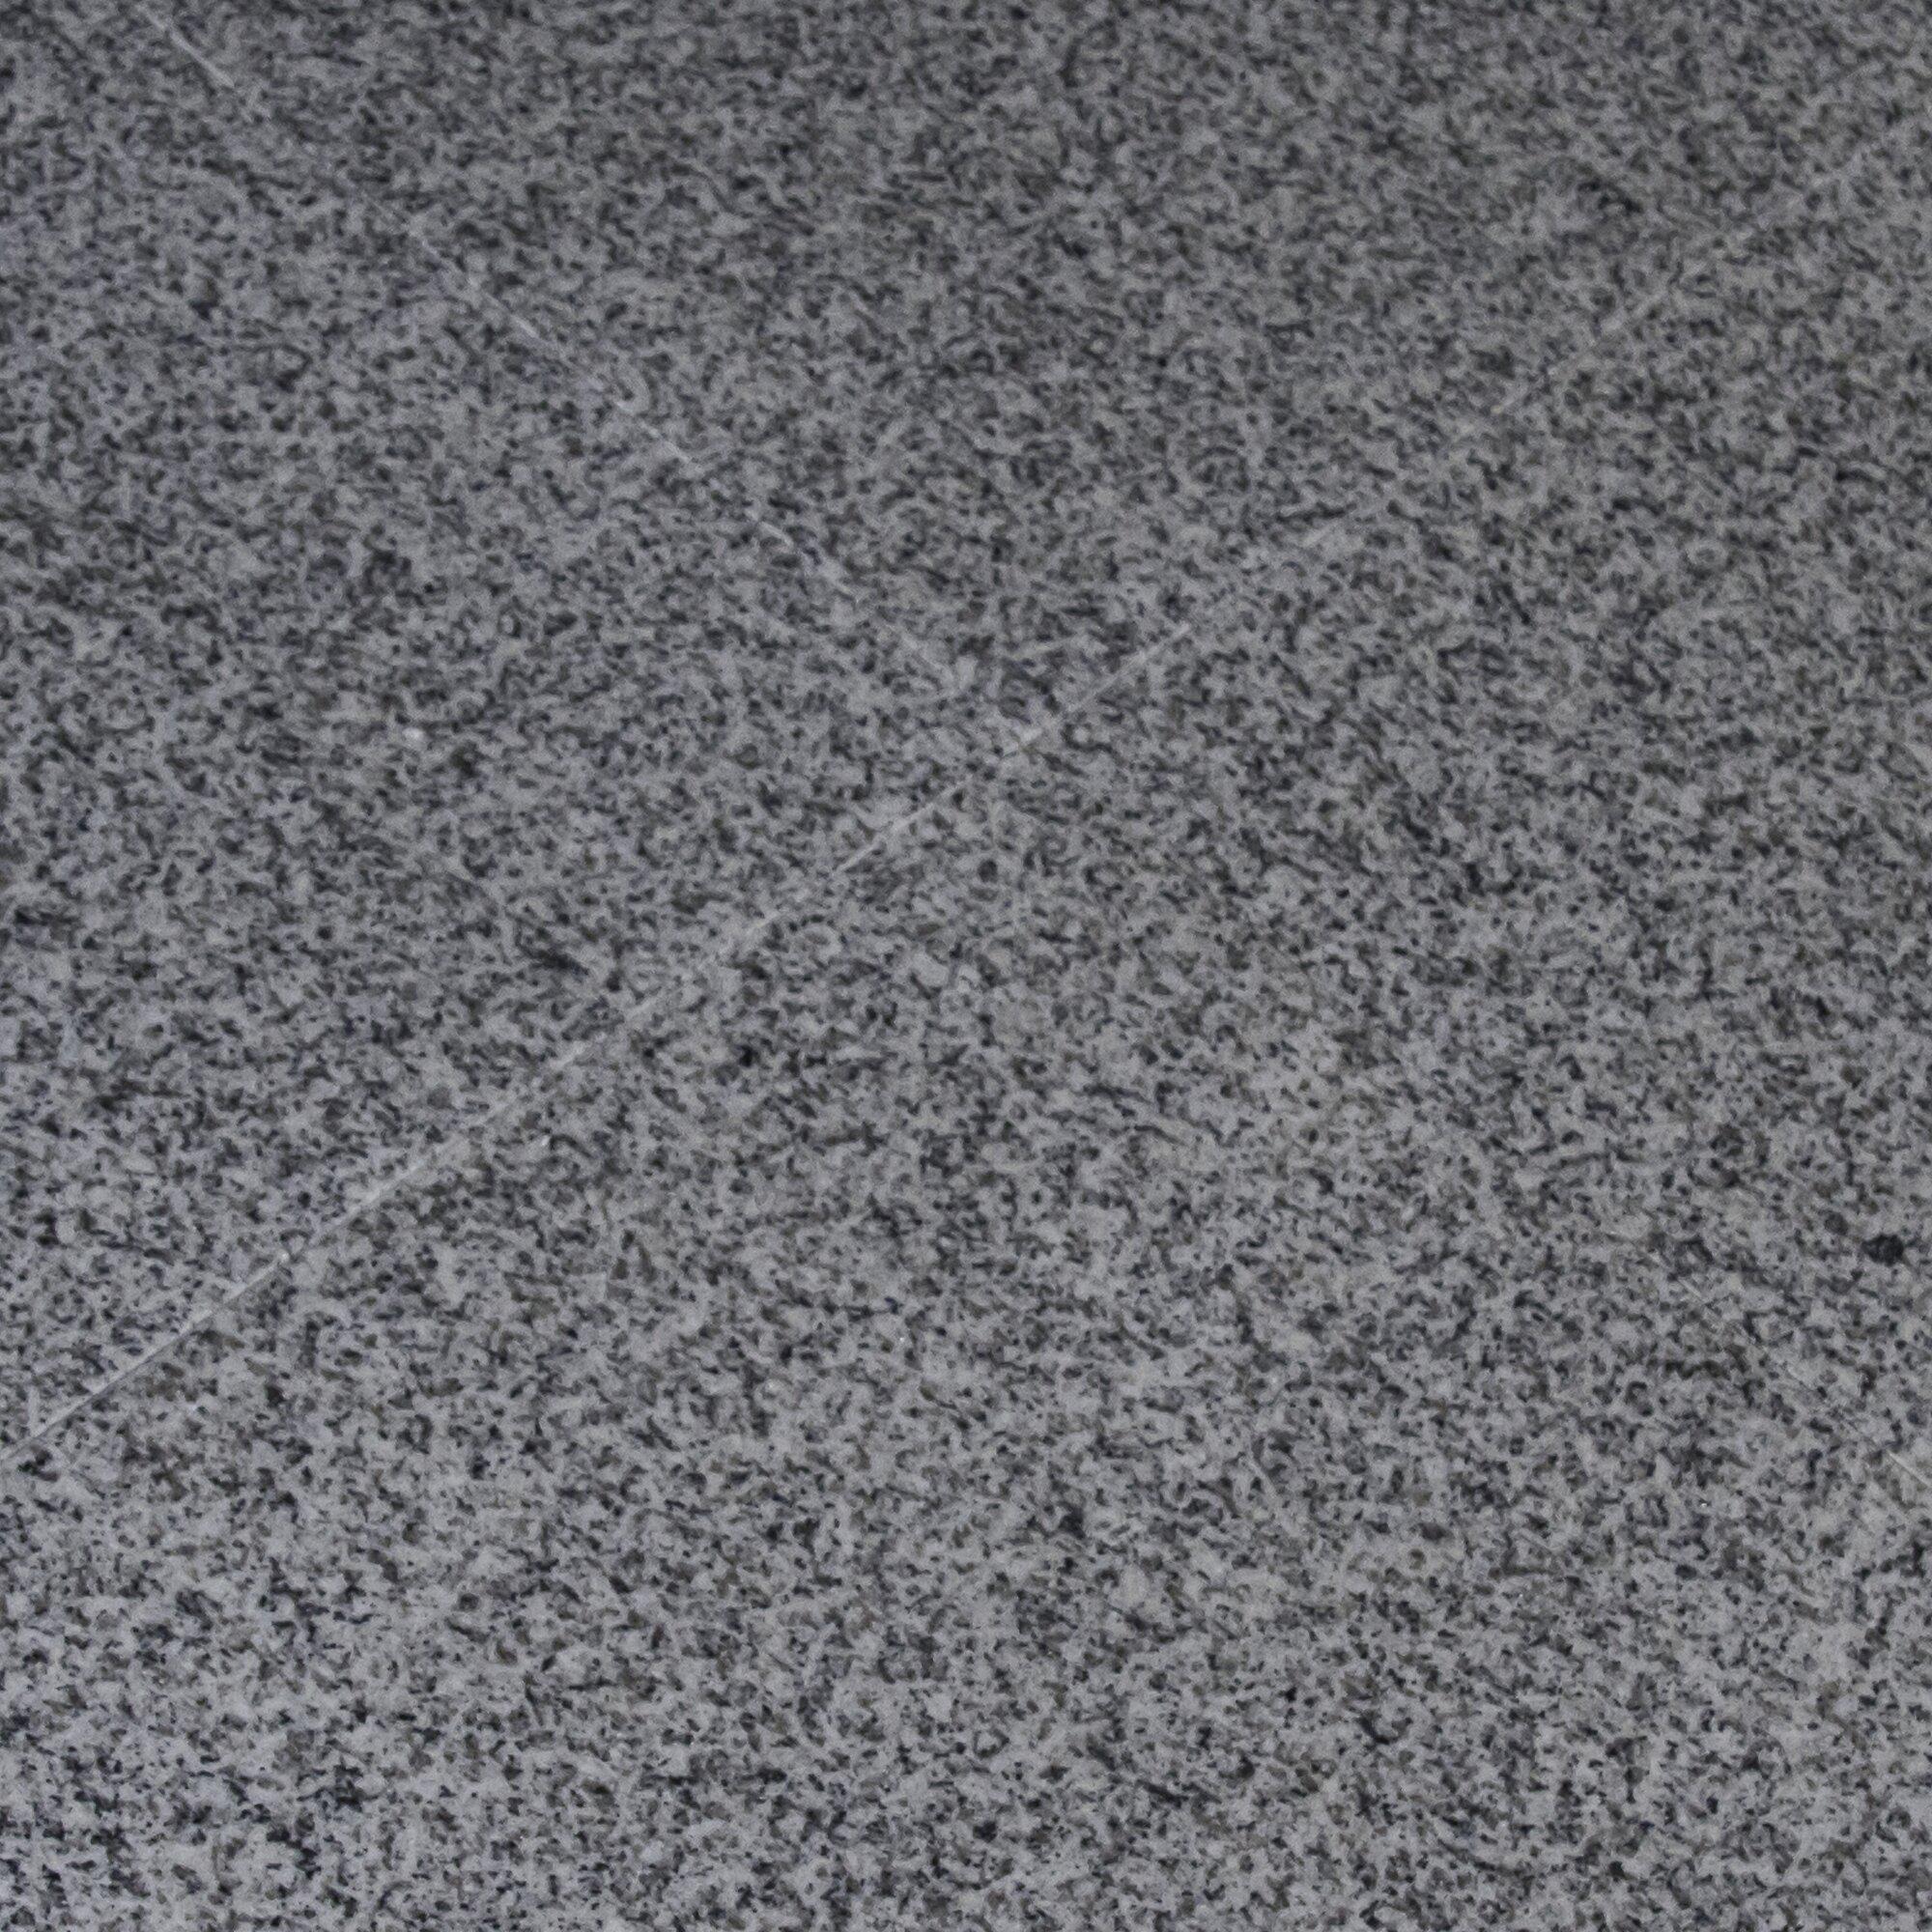 Bianco Catalina Granite : Quot granite field tile in bianco catalina reviews